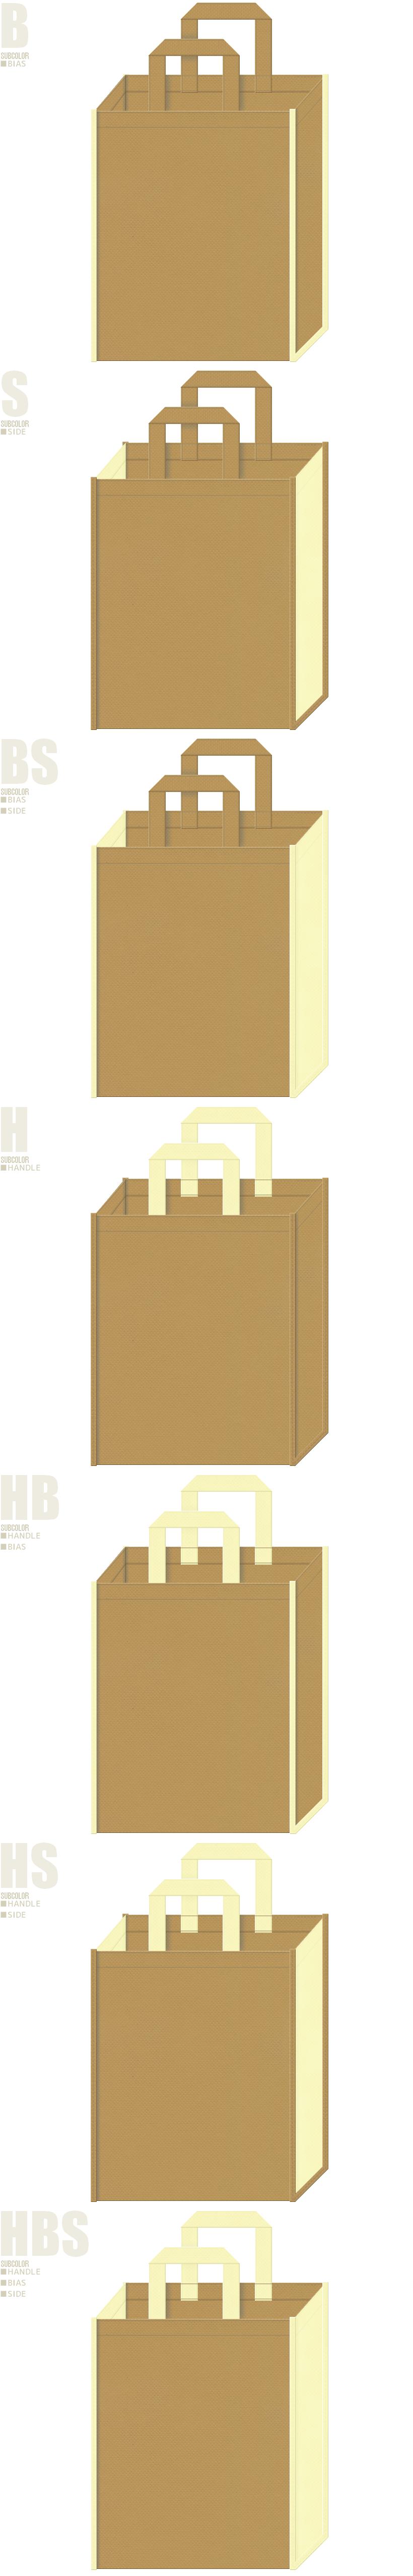 金色系黄土色と薄黄色、7パターンの不織布トートバッグ配色デザイン例。キウイフルーツを連想する配色の不織布バッグにお奨めです。